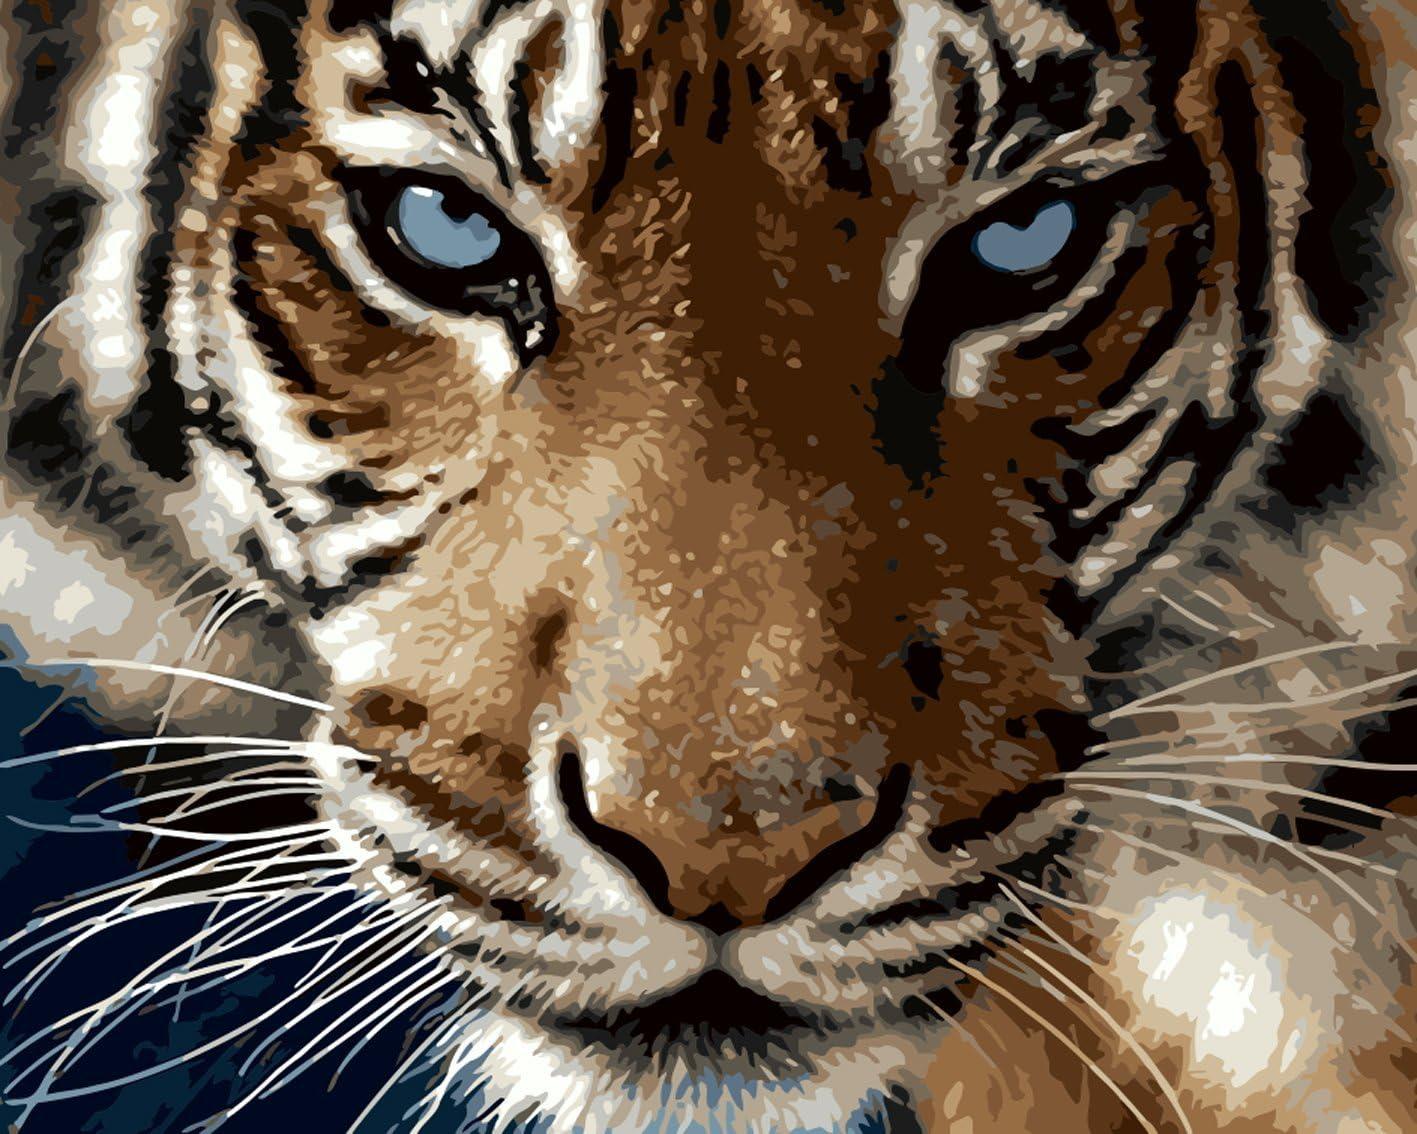 Fuumuui Lienzo de Bricolaje Regalo de Pintura al óleo para Adultos niños Pintura por número Kits Decoraciones para el hogar -Tigre 16 * 20 Pulgadas